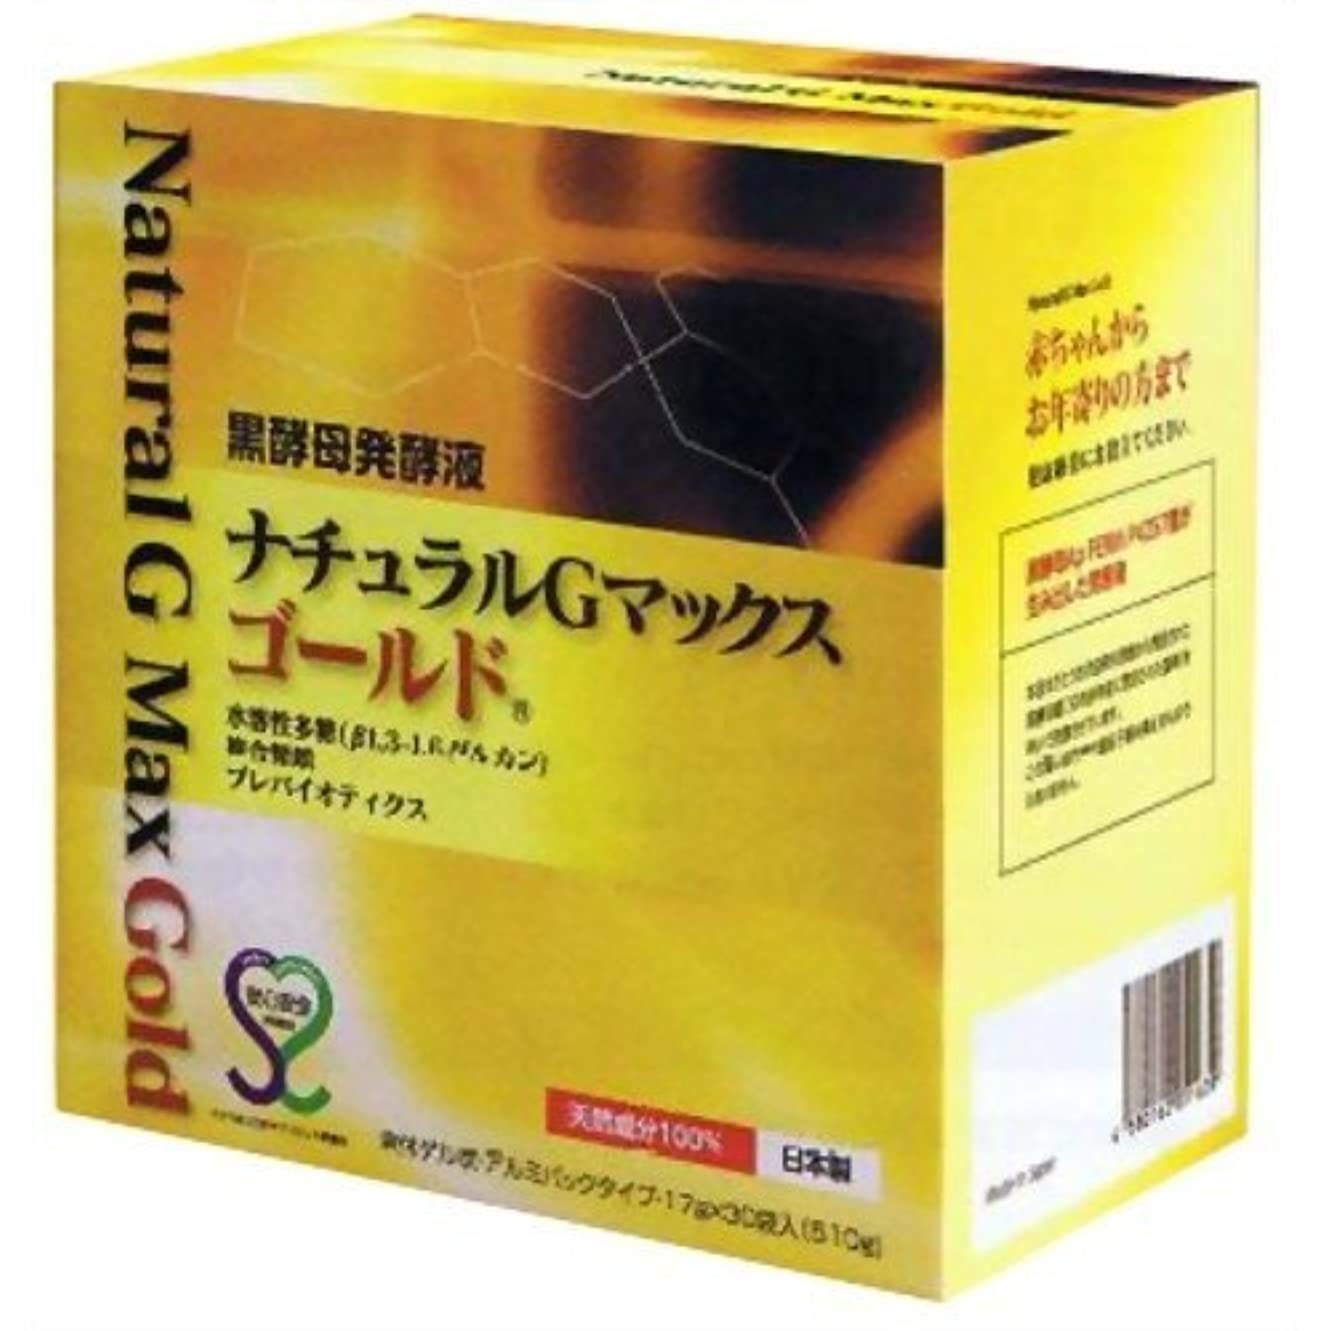 成人期切り下げオリエンタル黒酵母発酵液 ナチュラルGマックスゴールド 17g×30袋